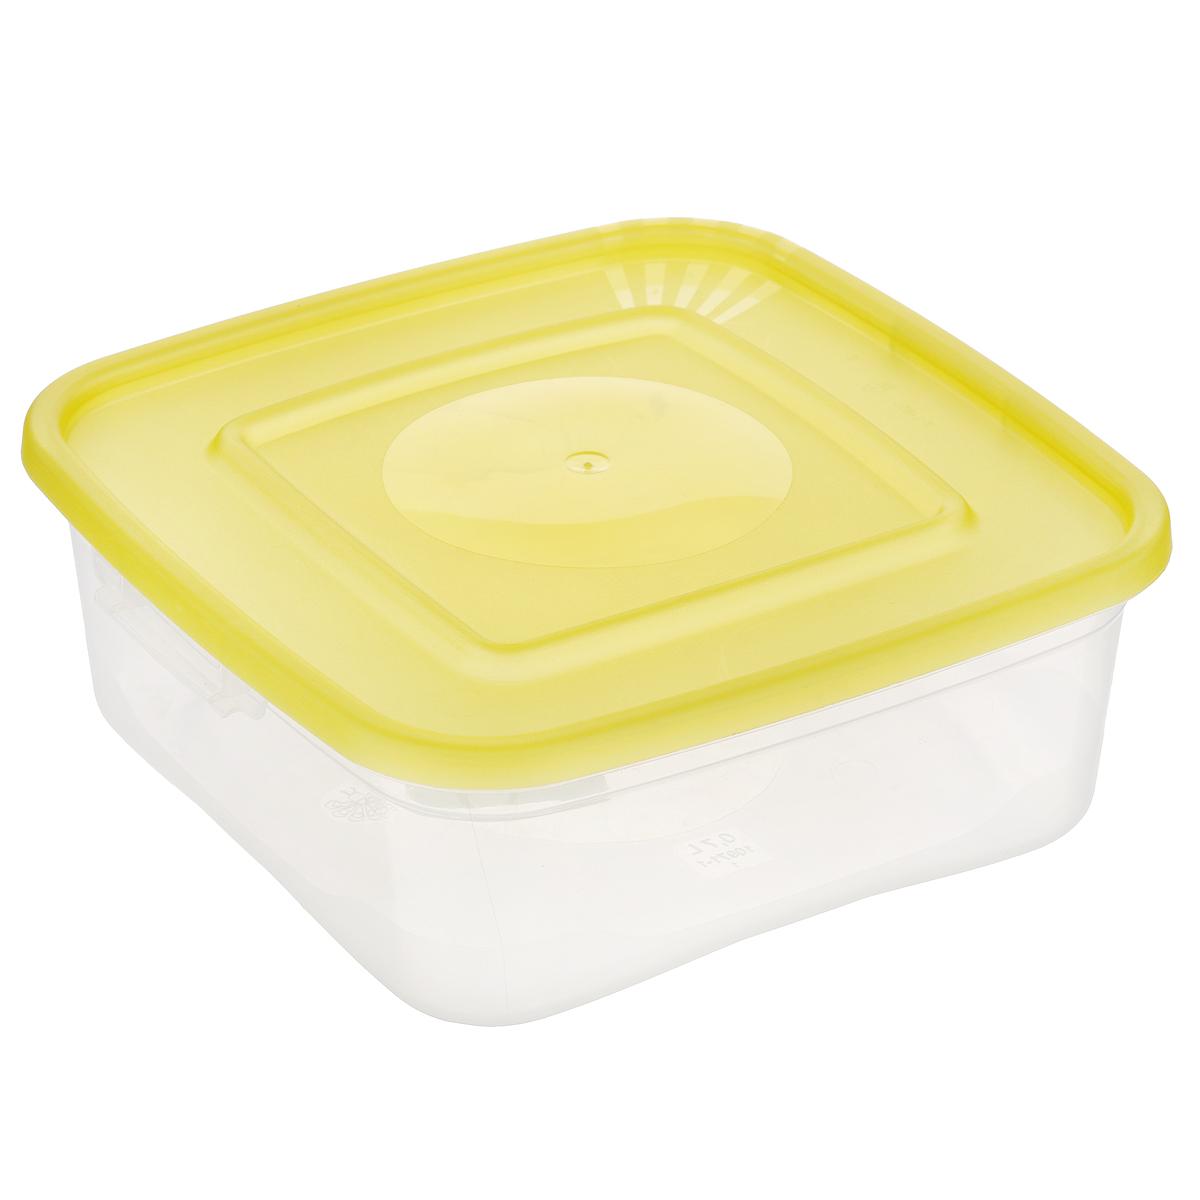 Контейнер для СВЧ Полимербыт Каскад, цвет: желтый, прозрачный, 700 млС640_желтыйКонтейнер для СВЧ Полимербыт Каскад изготовлен из высококачественного прочного пластика, устойчивого к высоким температурам (до +110°С). Стенки контейнера прозрачные, что позволяет видеть содержимое. Цветная полупрозрачная крышка плотно закрывается. Контейнер идеально подходит для хранения пищи, его удобно брать с собой на работу, учебу, пикник или просто использовать для хранения пищи в холодильнике. Можно использовать в микроволновой печи и для заморозки в морозильной камере. Можно мыть в посудомоечной машине.